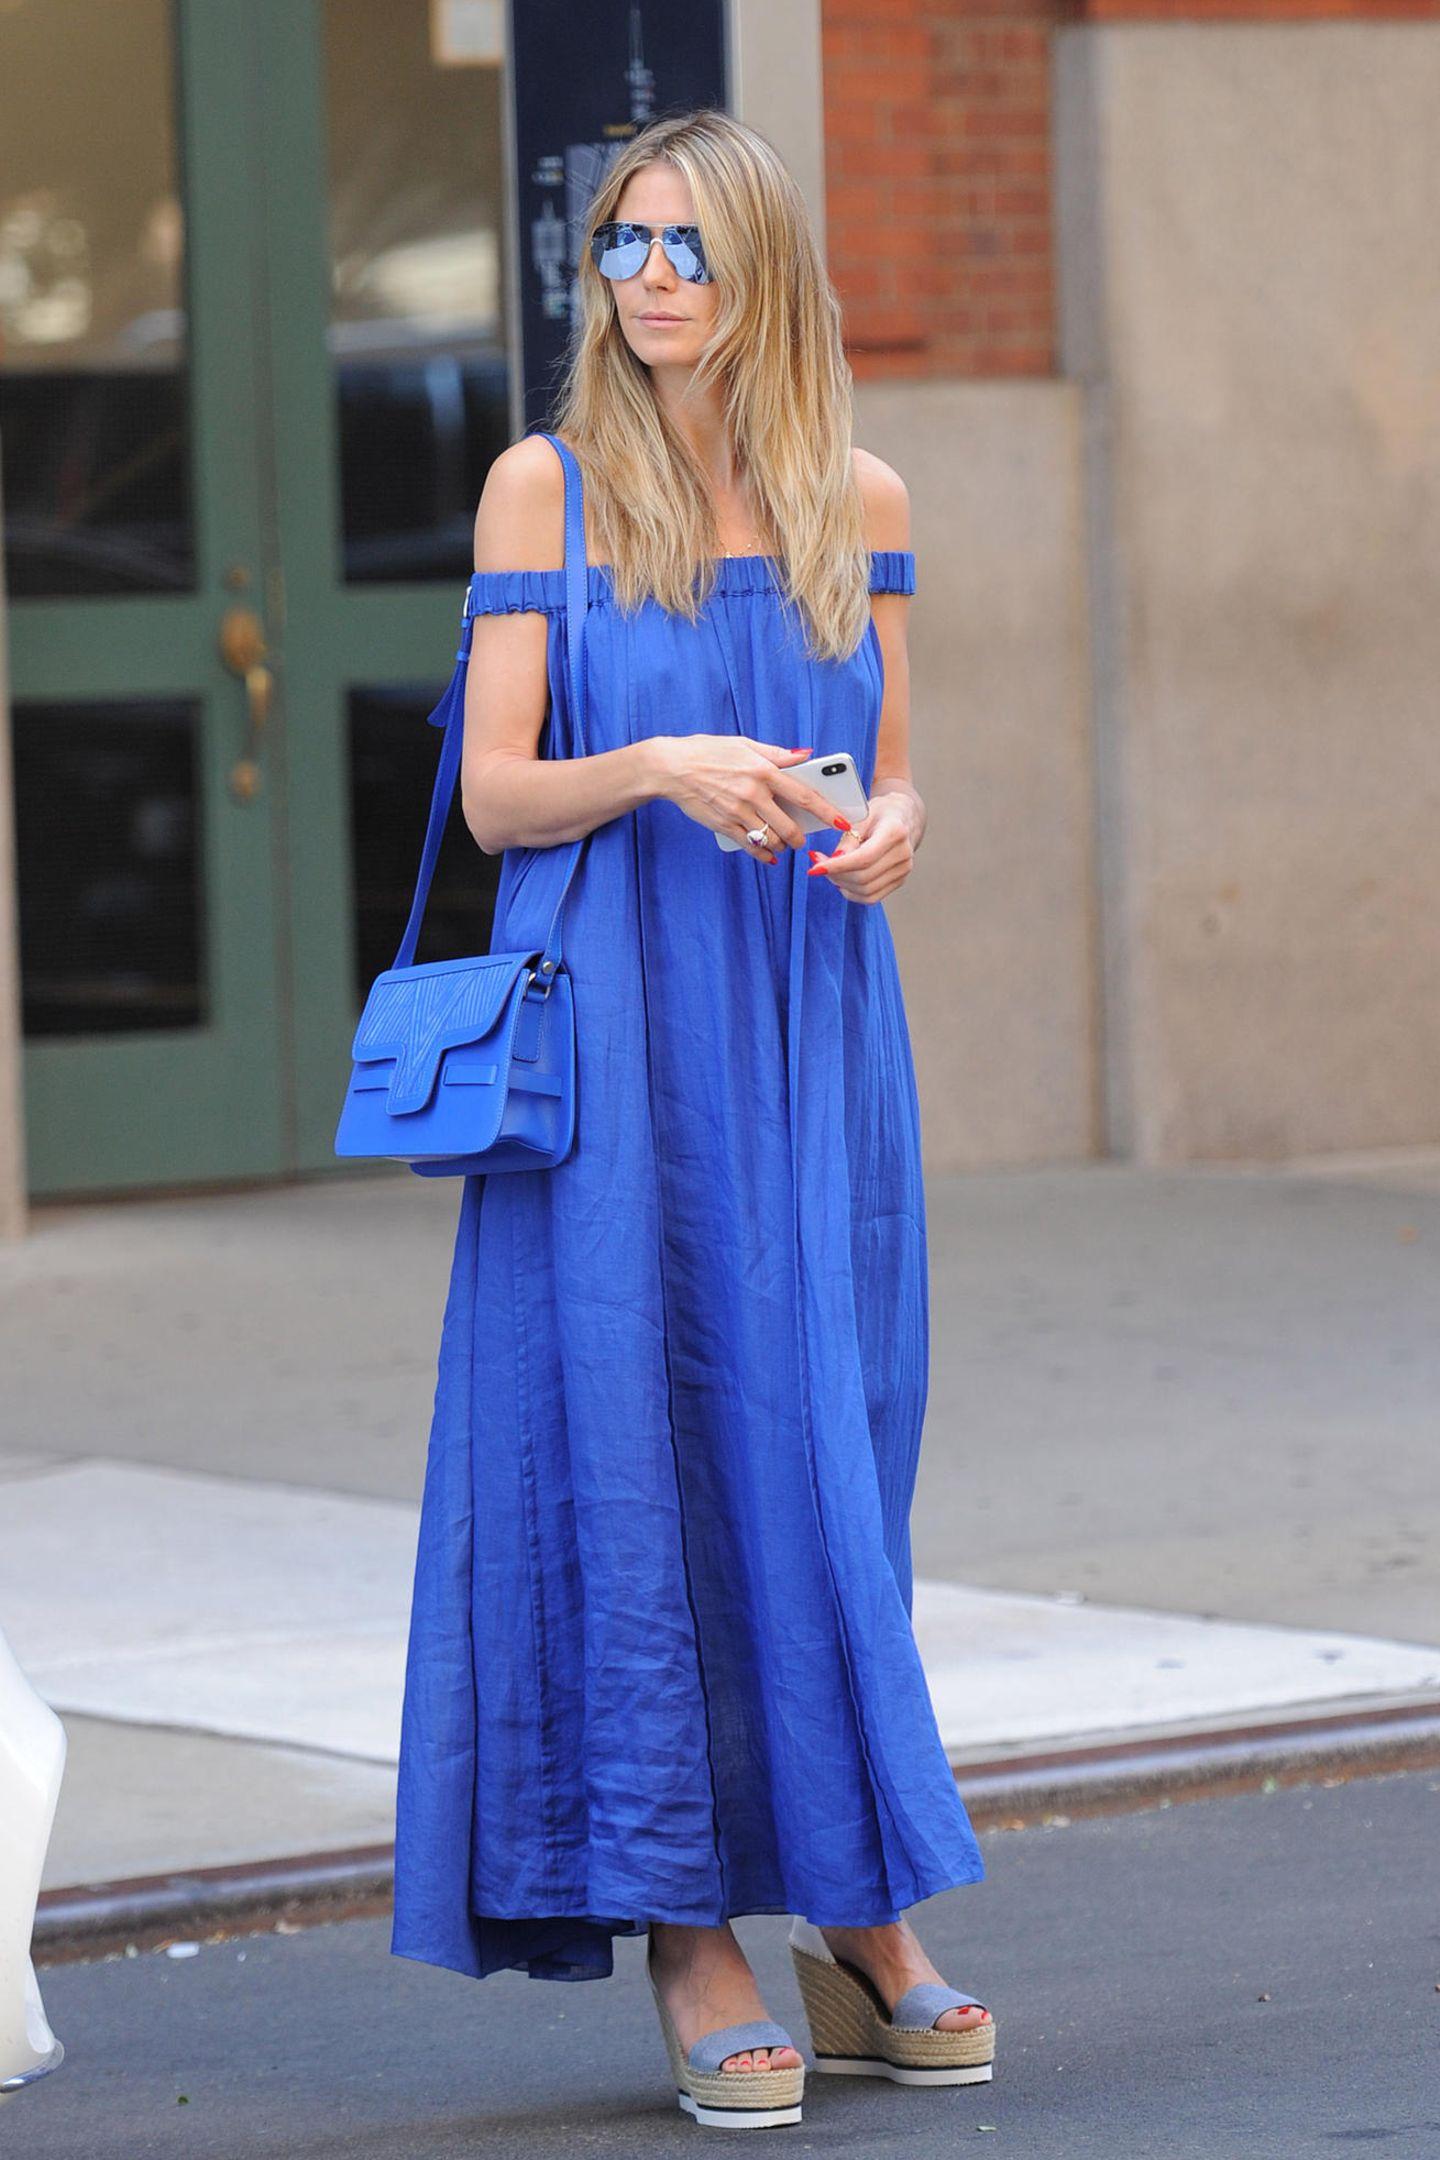 Wie cool! Heidi Klum stimmt ihren Look farblich ganz exakt ab. Zum Kleid passt nicht nur die Handtasche, sondern auch die getönten Gläser ihrer Brille.